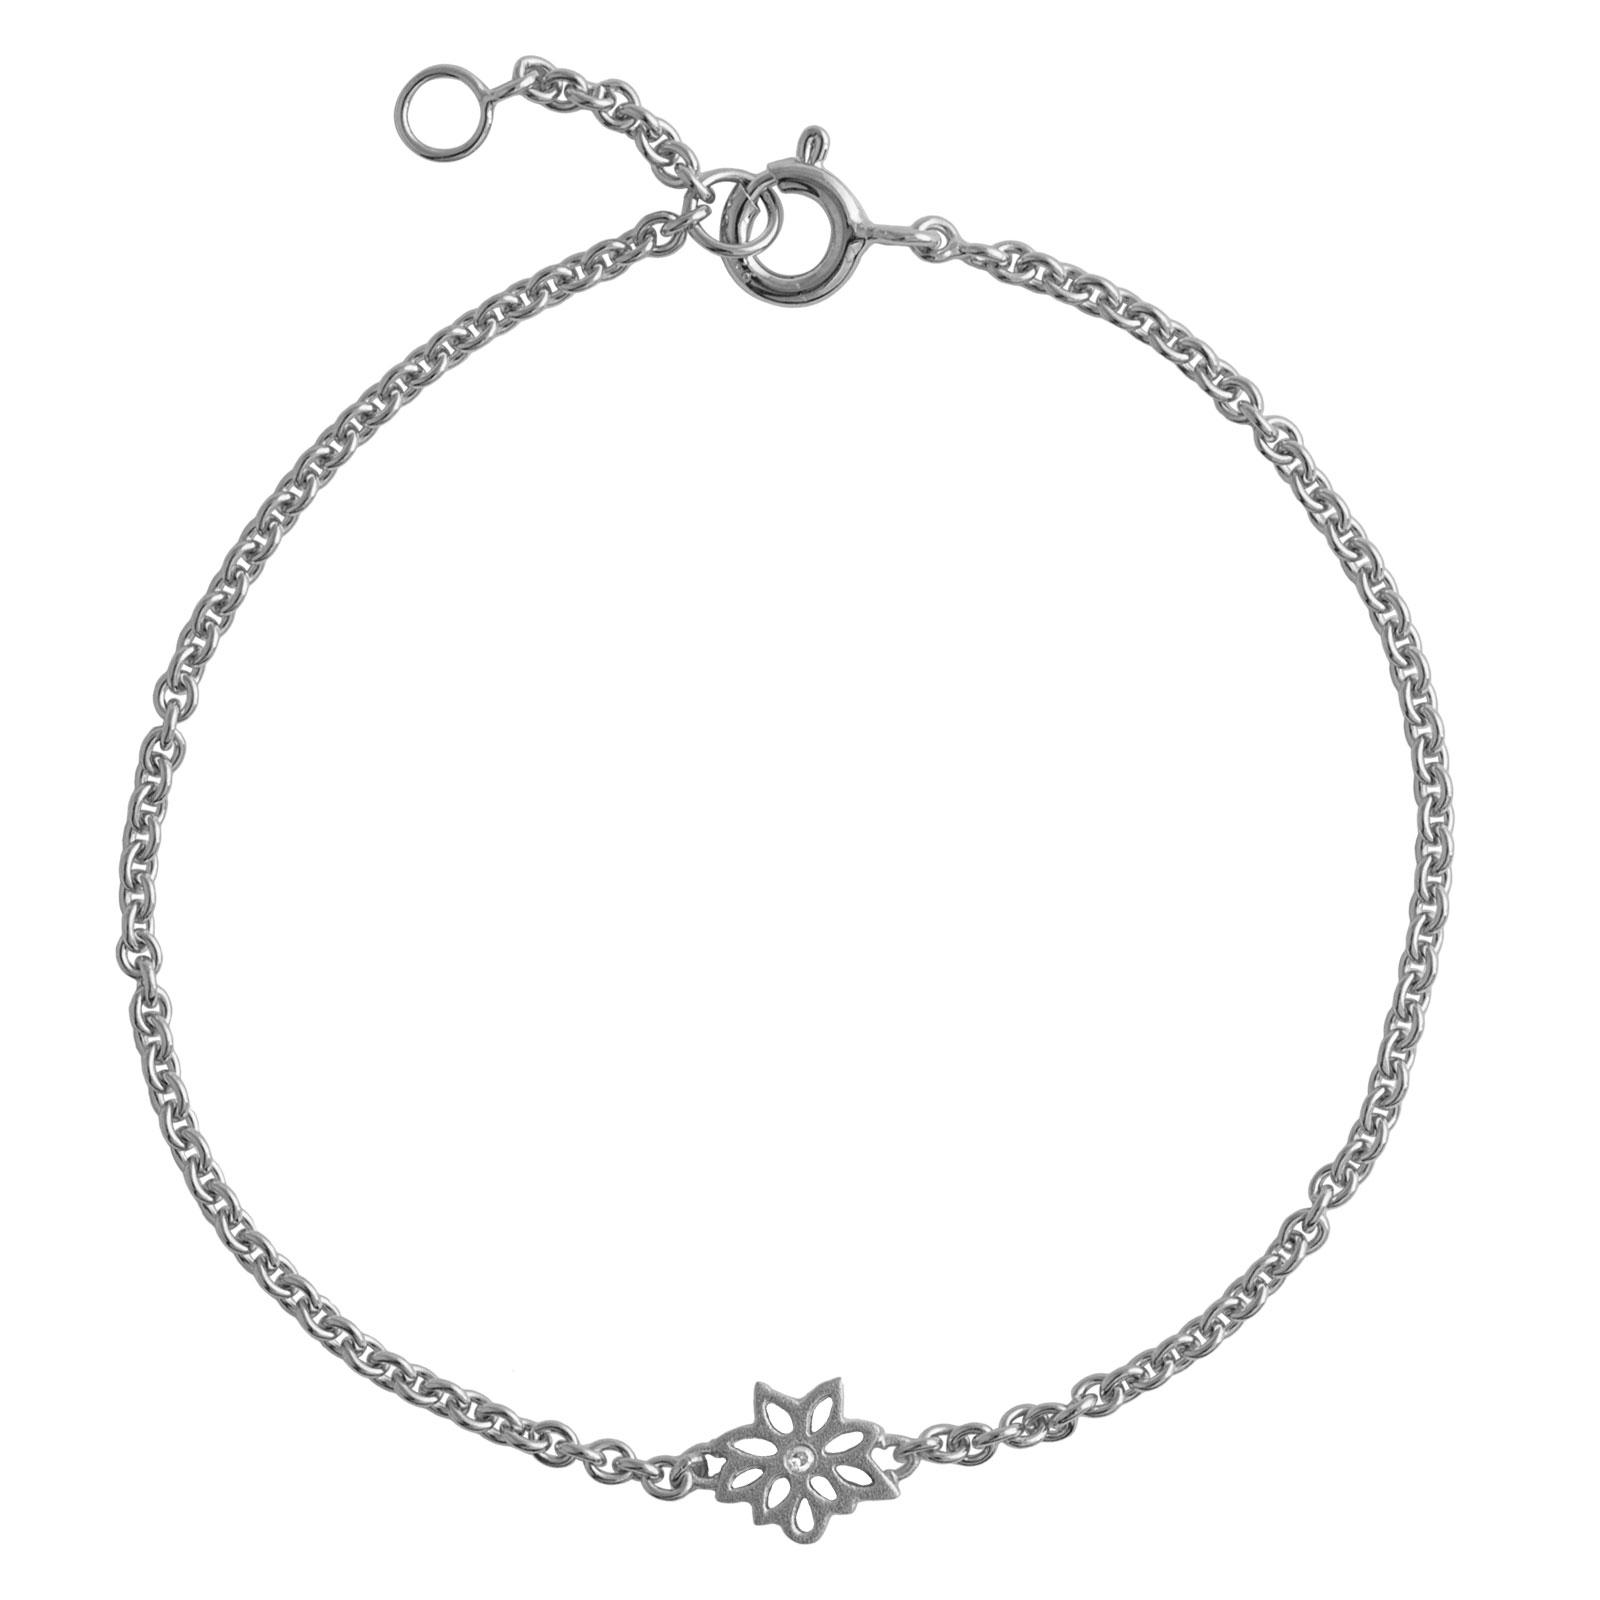 Dahlia Sølv Armbånd fra Lene Visholm B.1270RH